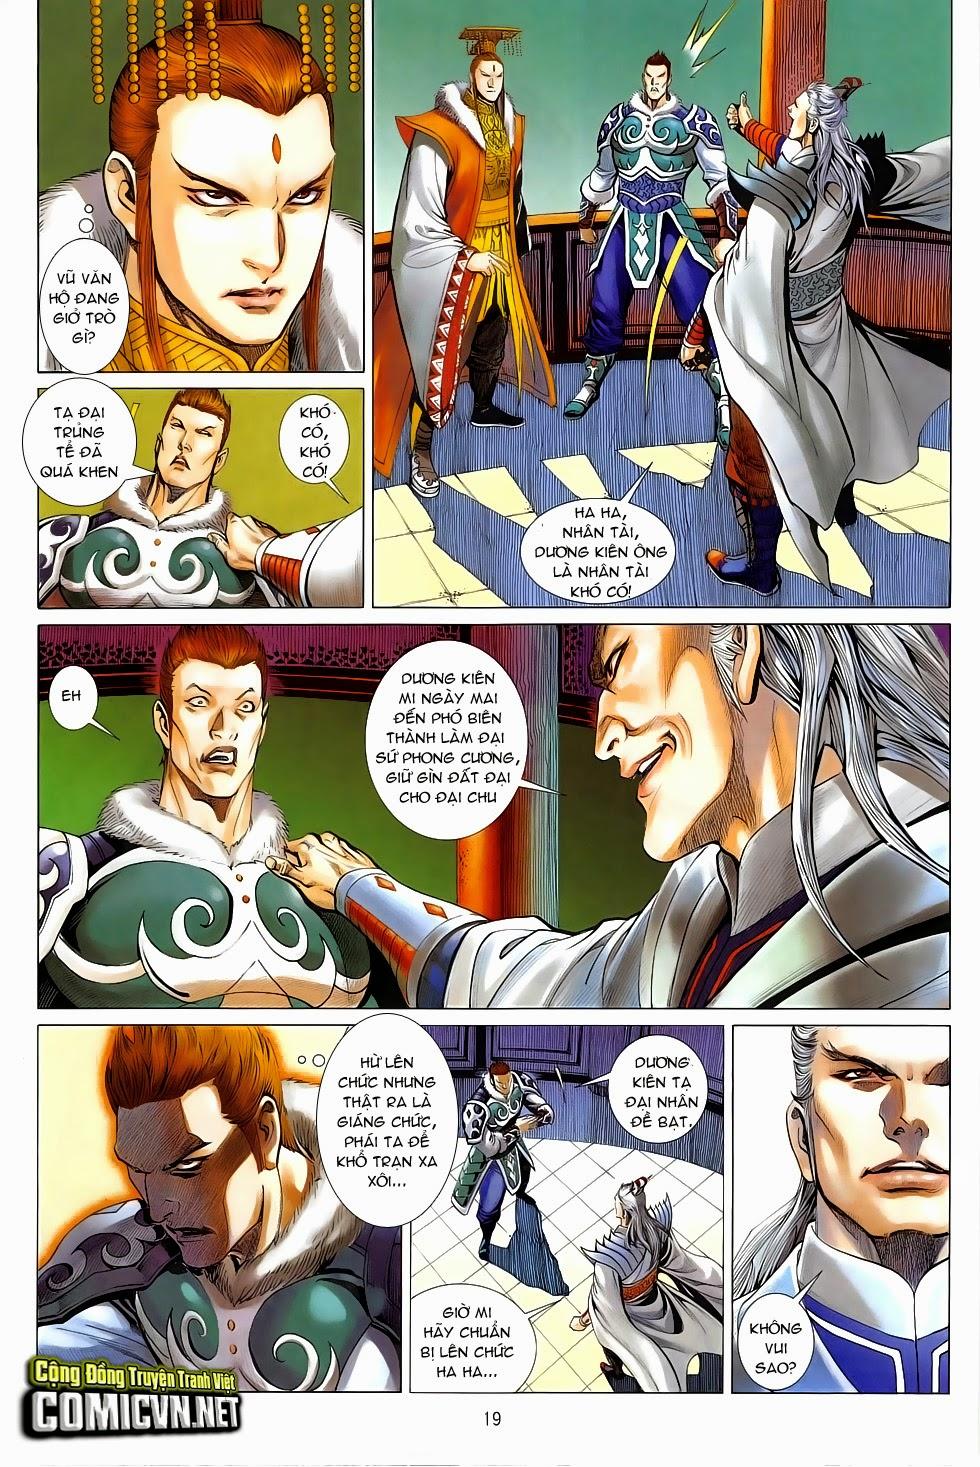 Chiến Phổ chapter 5: lôi hỏa kinh thiên chiến trang 18